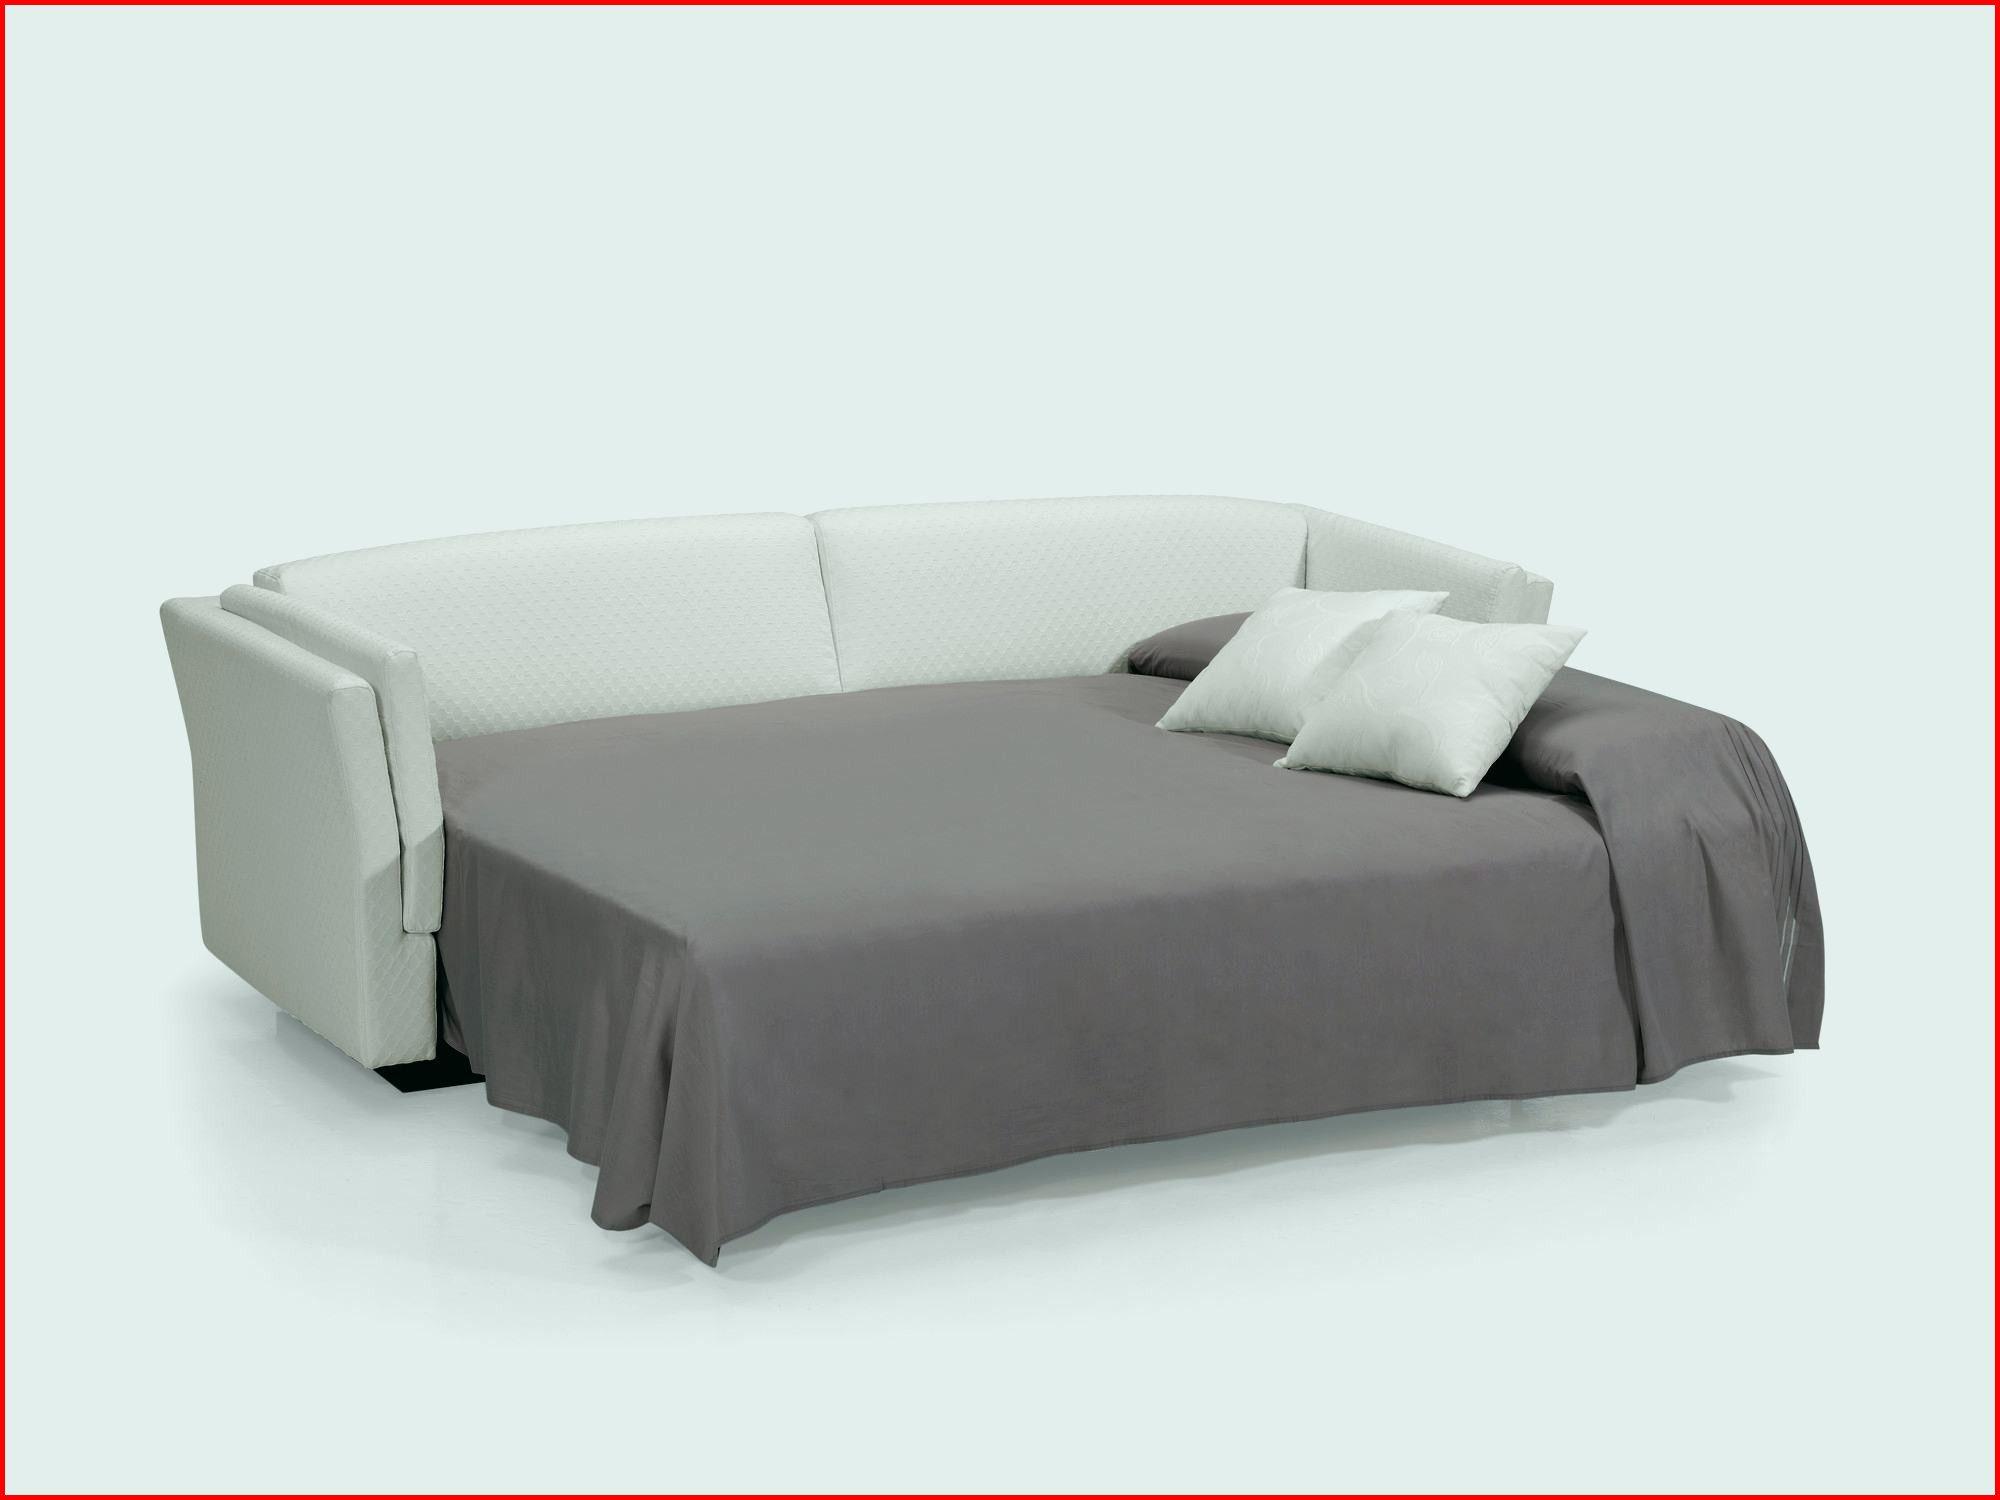 Canapé Lit Matelas Nouveau Rusé Canapé Lit Convertible Pas Cher Dans Luxury Canapé Lit Matelas